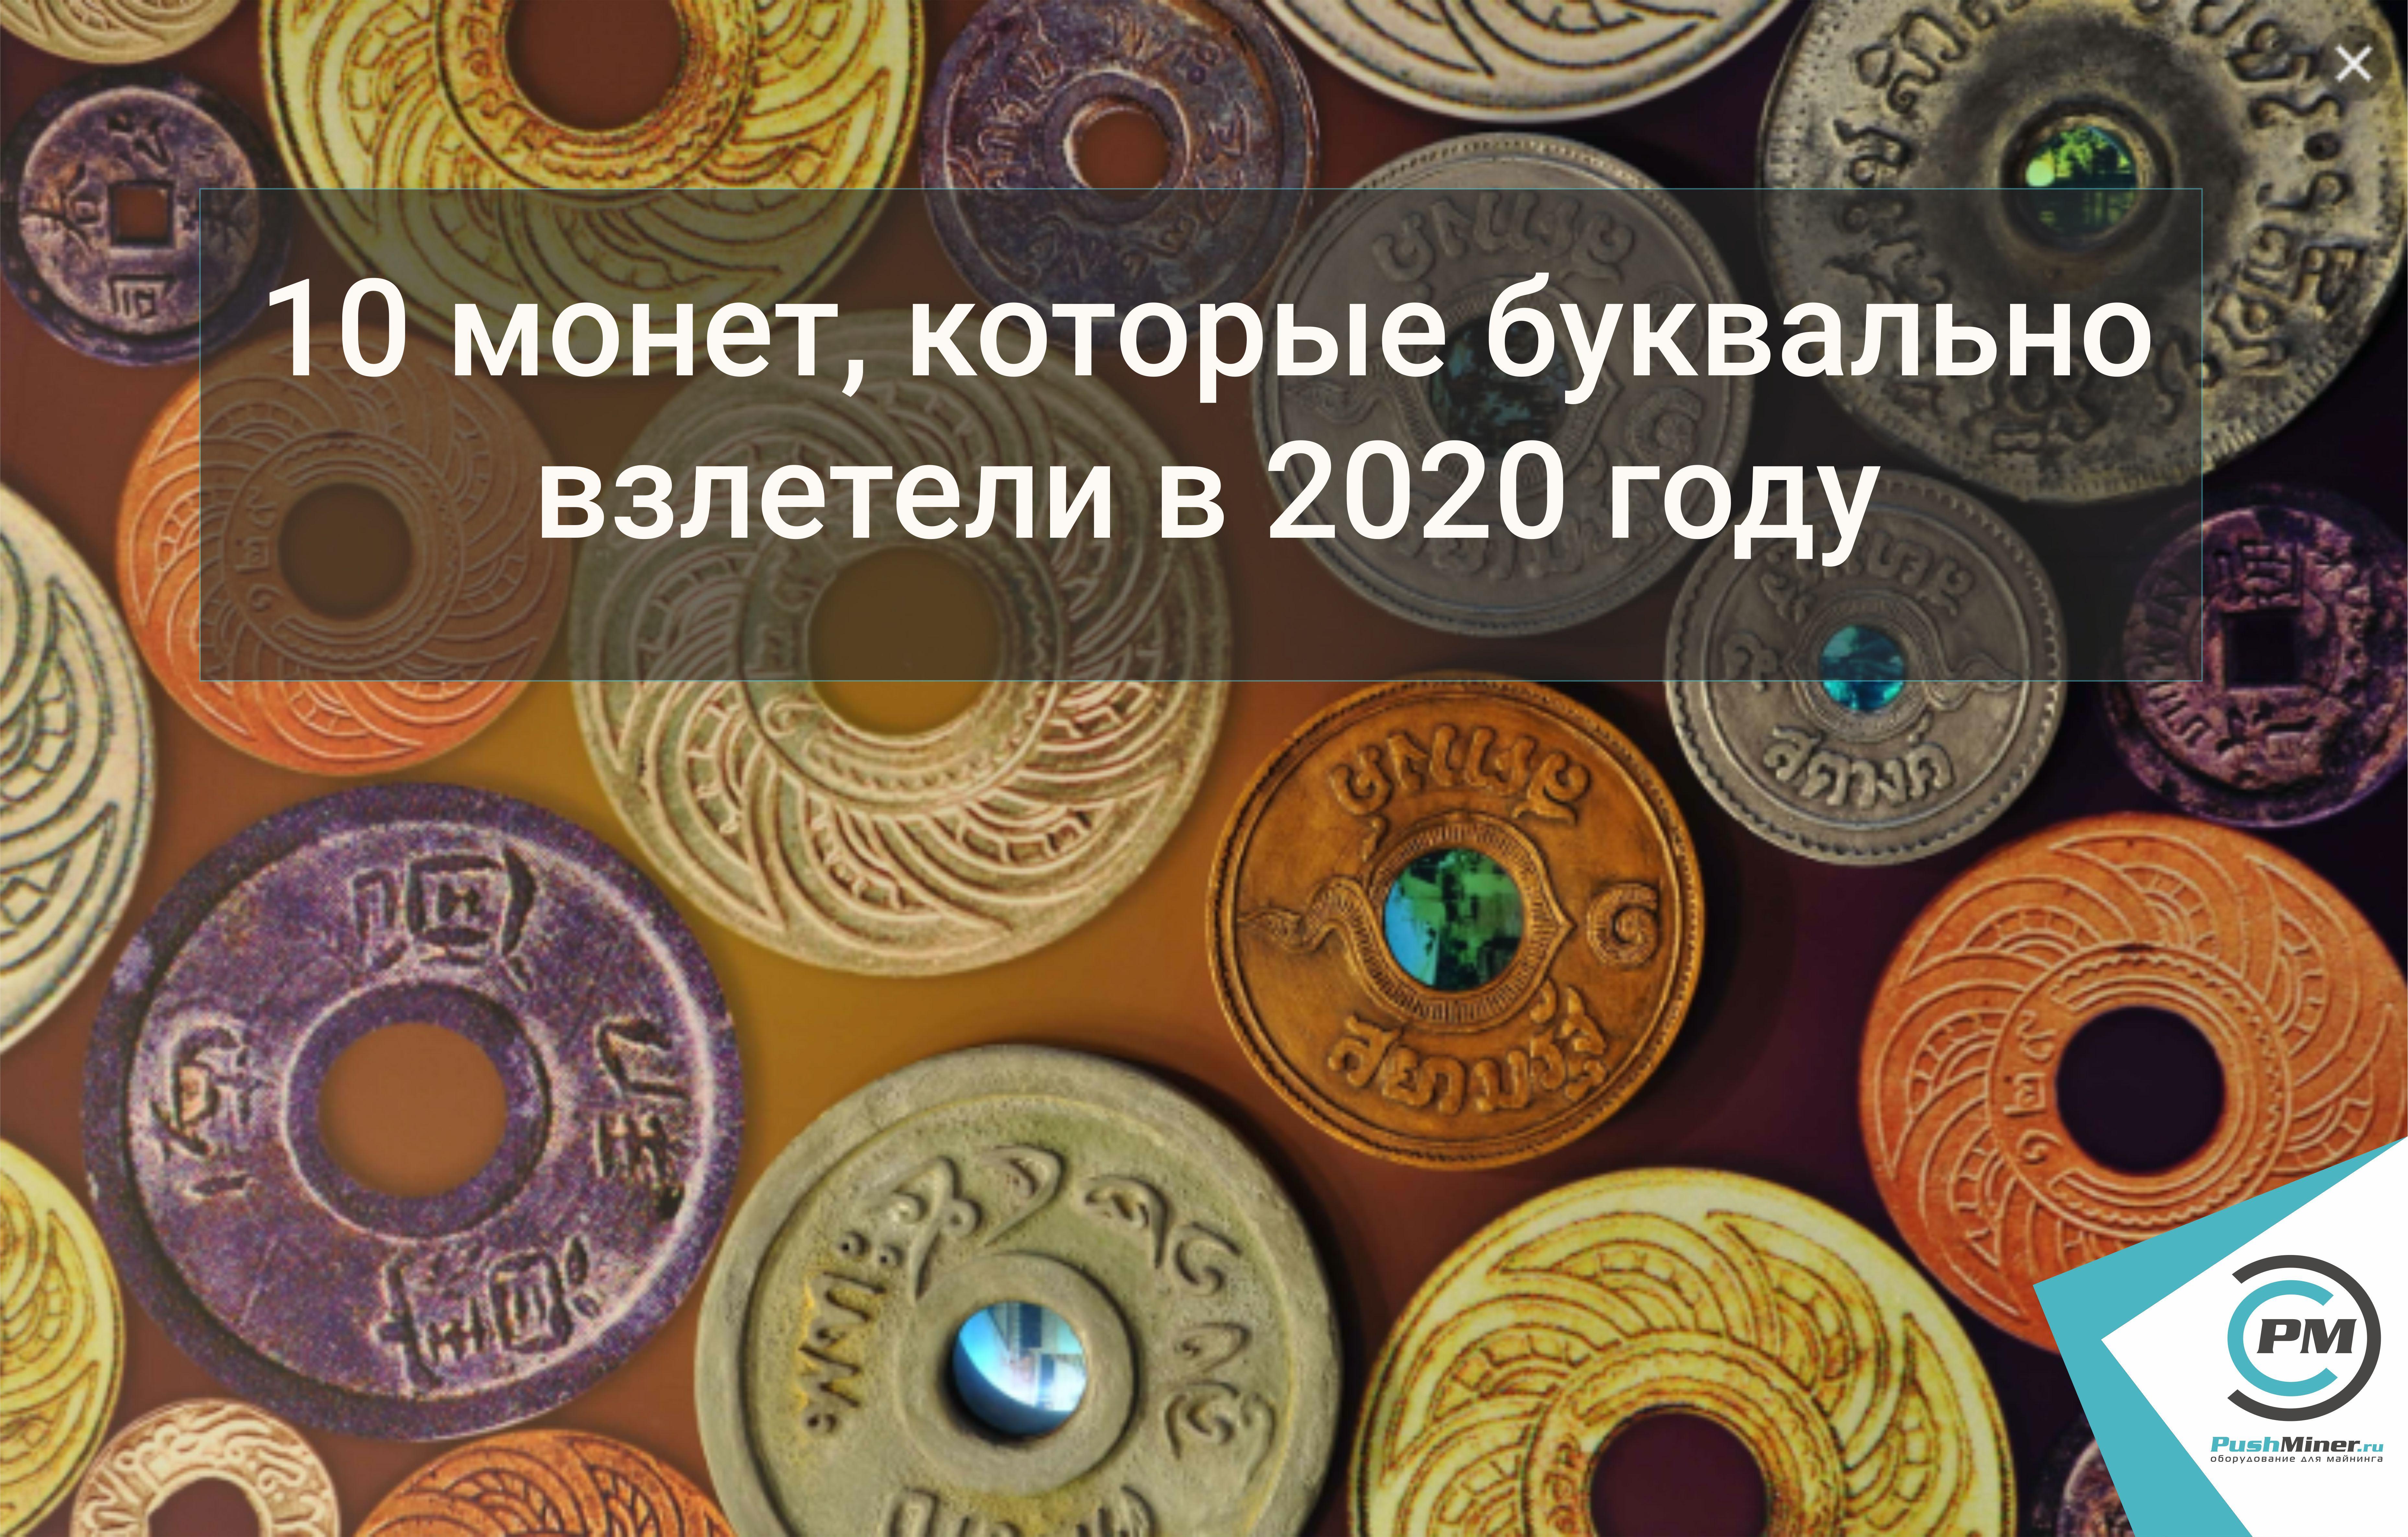 10 монет, которые буквально взлетели в 2020 году